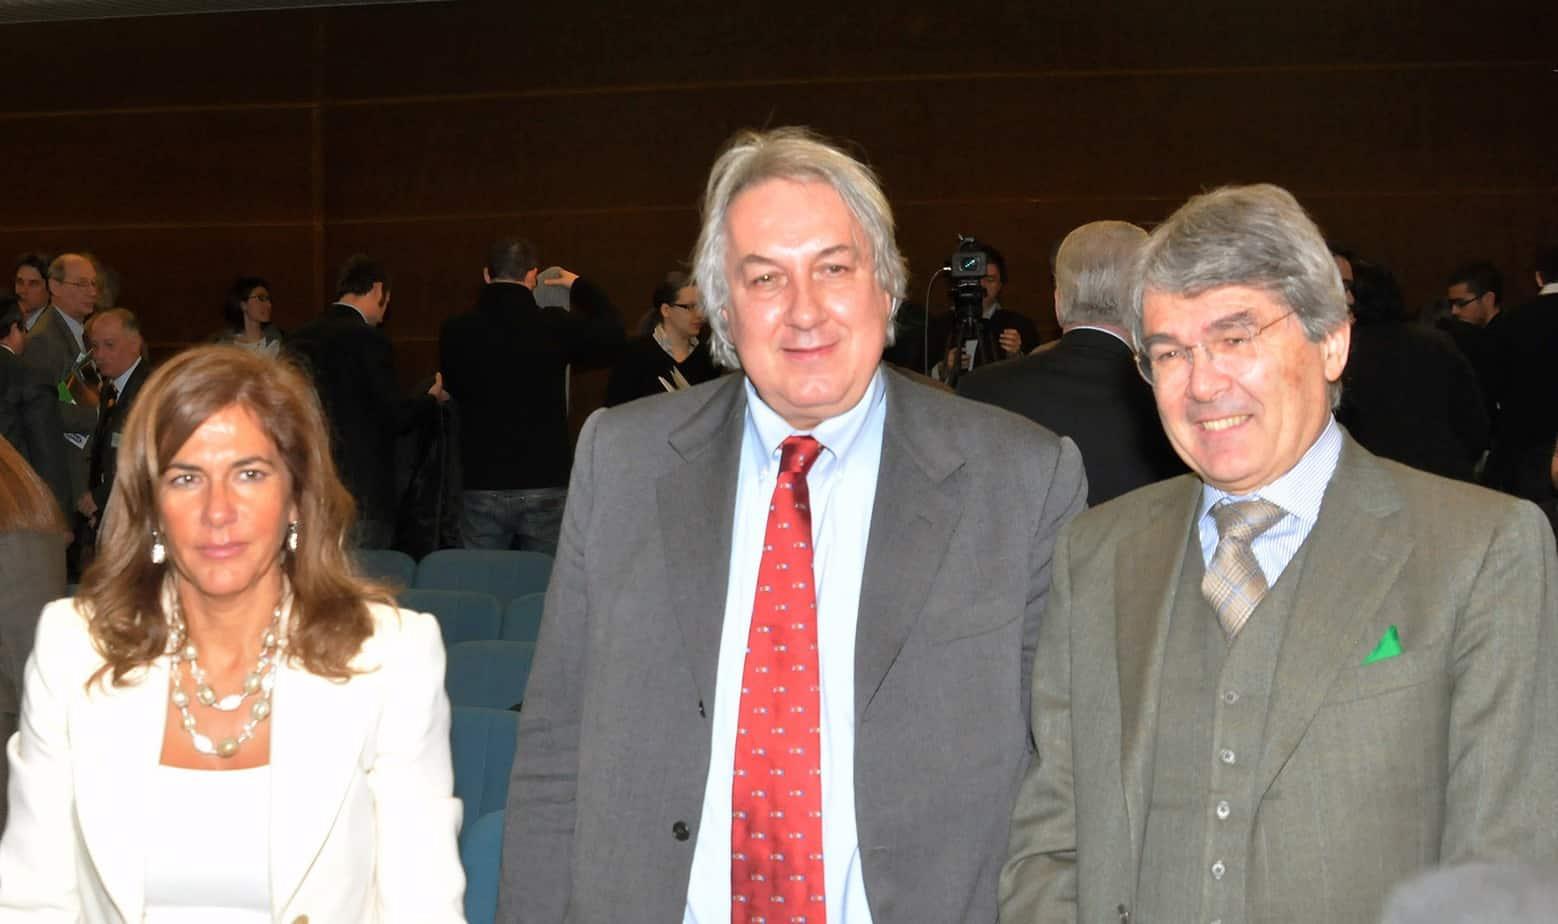 In basso da sinistra: Emma Marcegaglia, Alberto Meomartini e Roberto Castelli